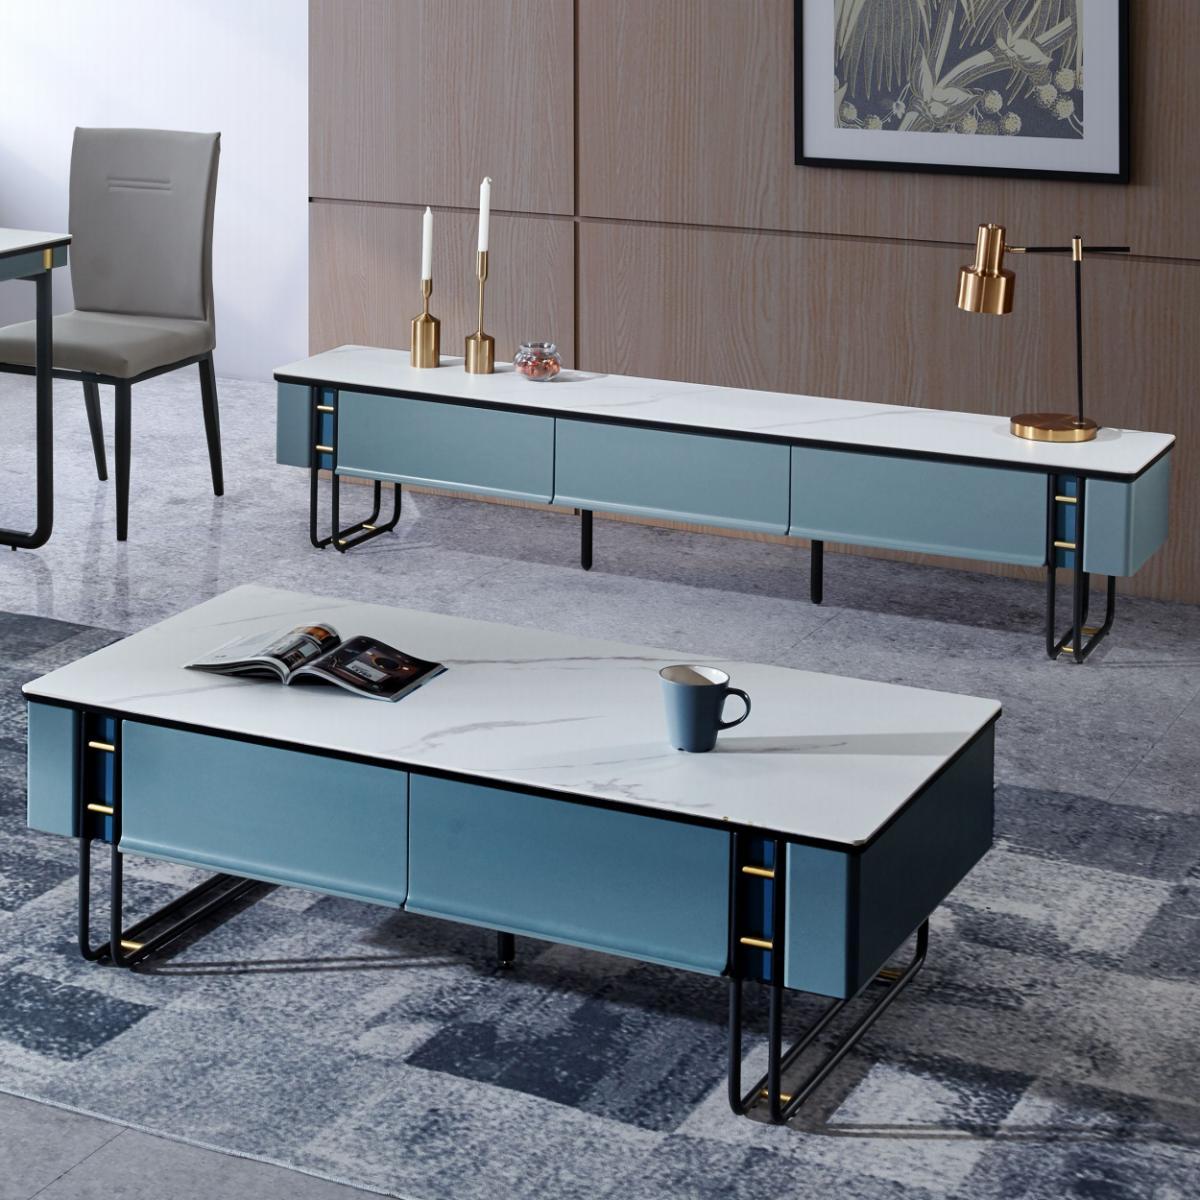 岩板茶几电视柜组合客厅家用小户型意式极简简约现代地柜智能茶几